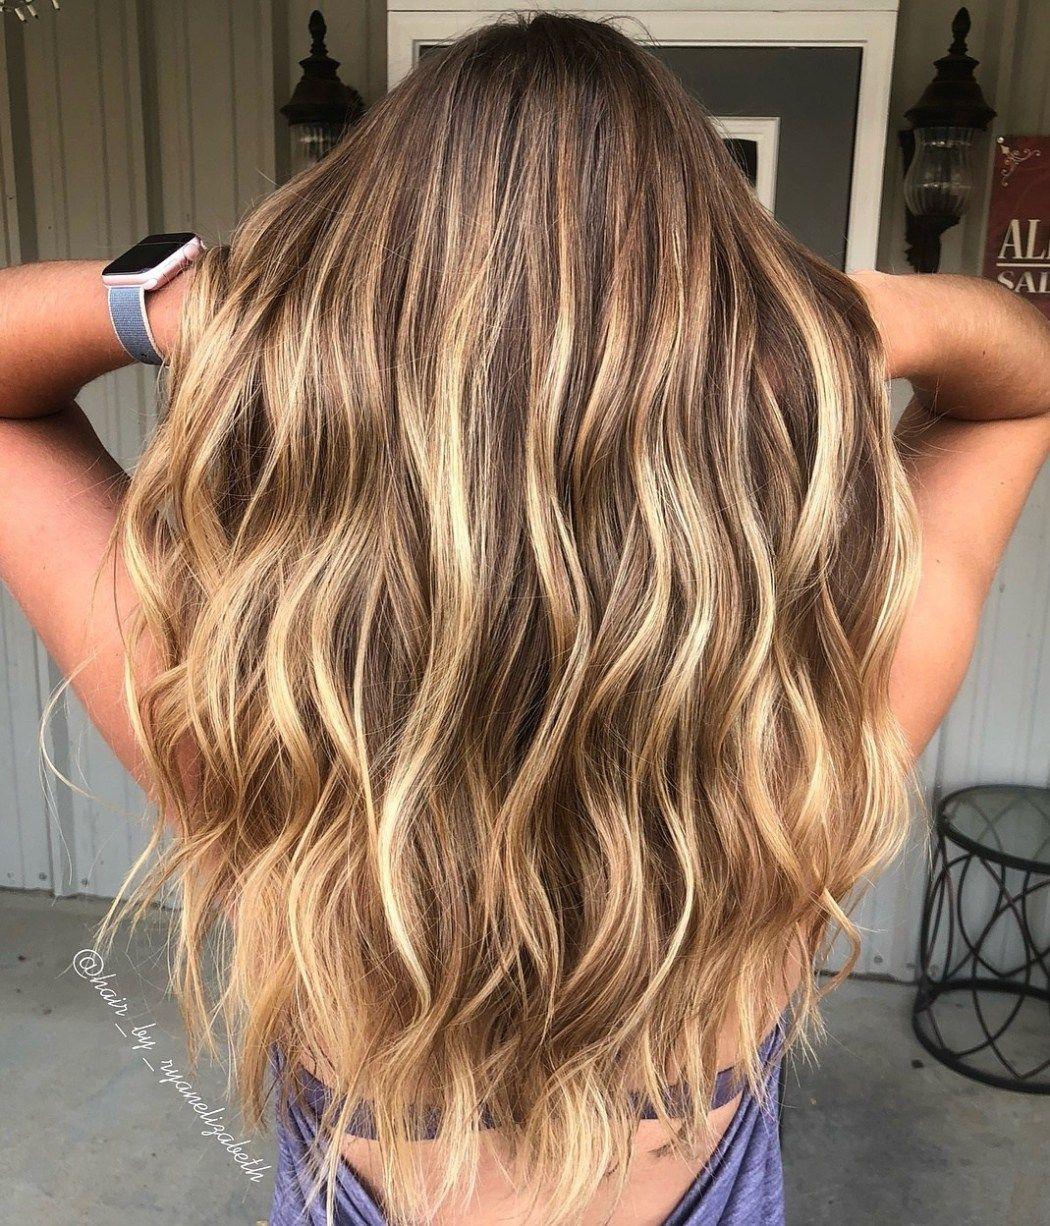 20 Light Brown Hair Color Ideas For Your New Look 2021 Ombre Sac Rengi Sari Kahverengi Sac Sari Balyaj